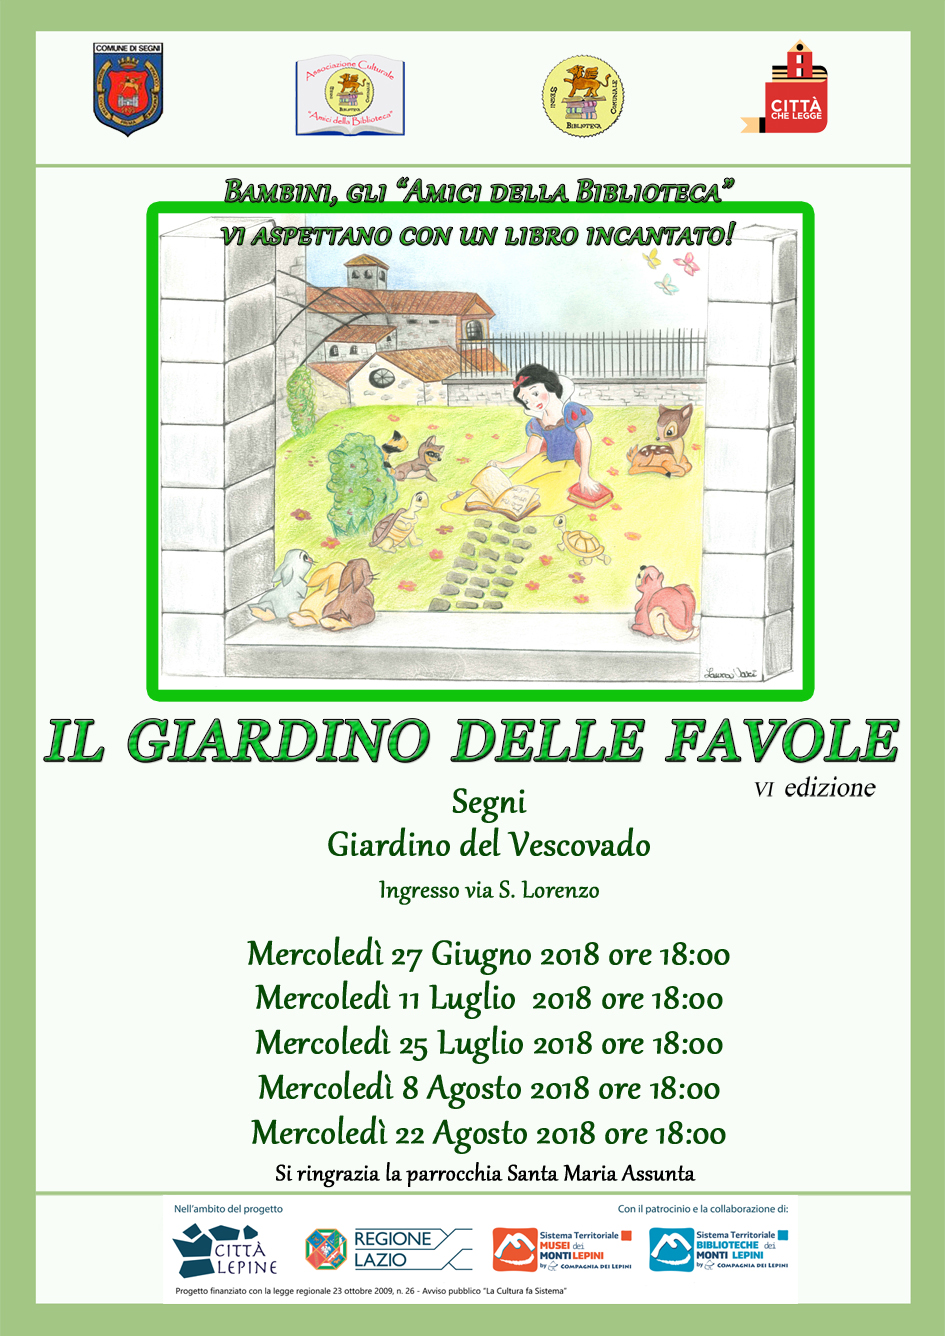 3-segni-il-giardino-delle-favole-dal-27-06-ale-22-08